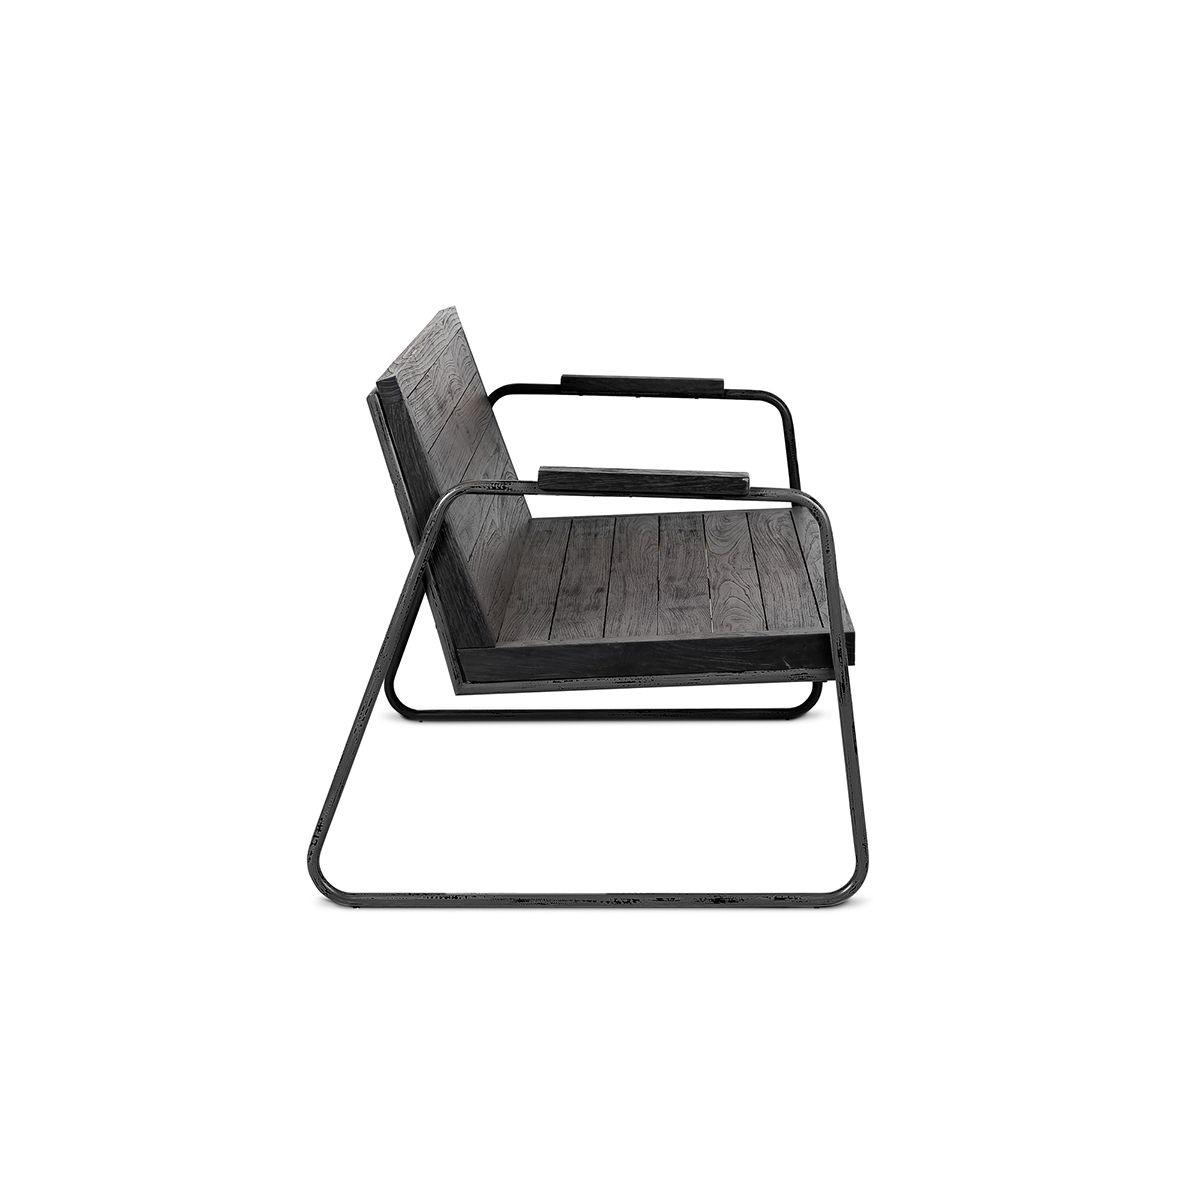 Dareels Black outdoor chair/bench teak- Outdoor - L114xH73xW78cm